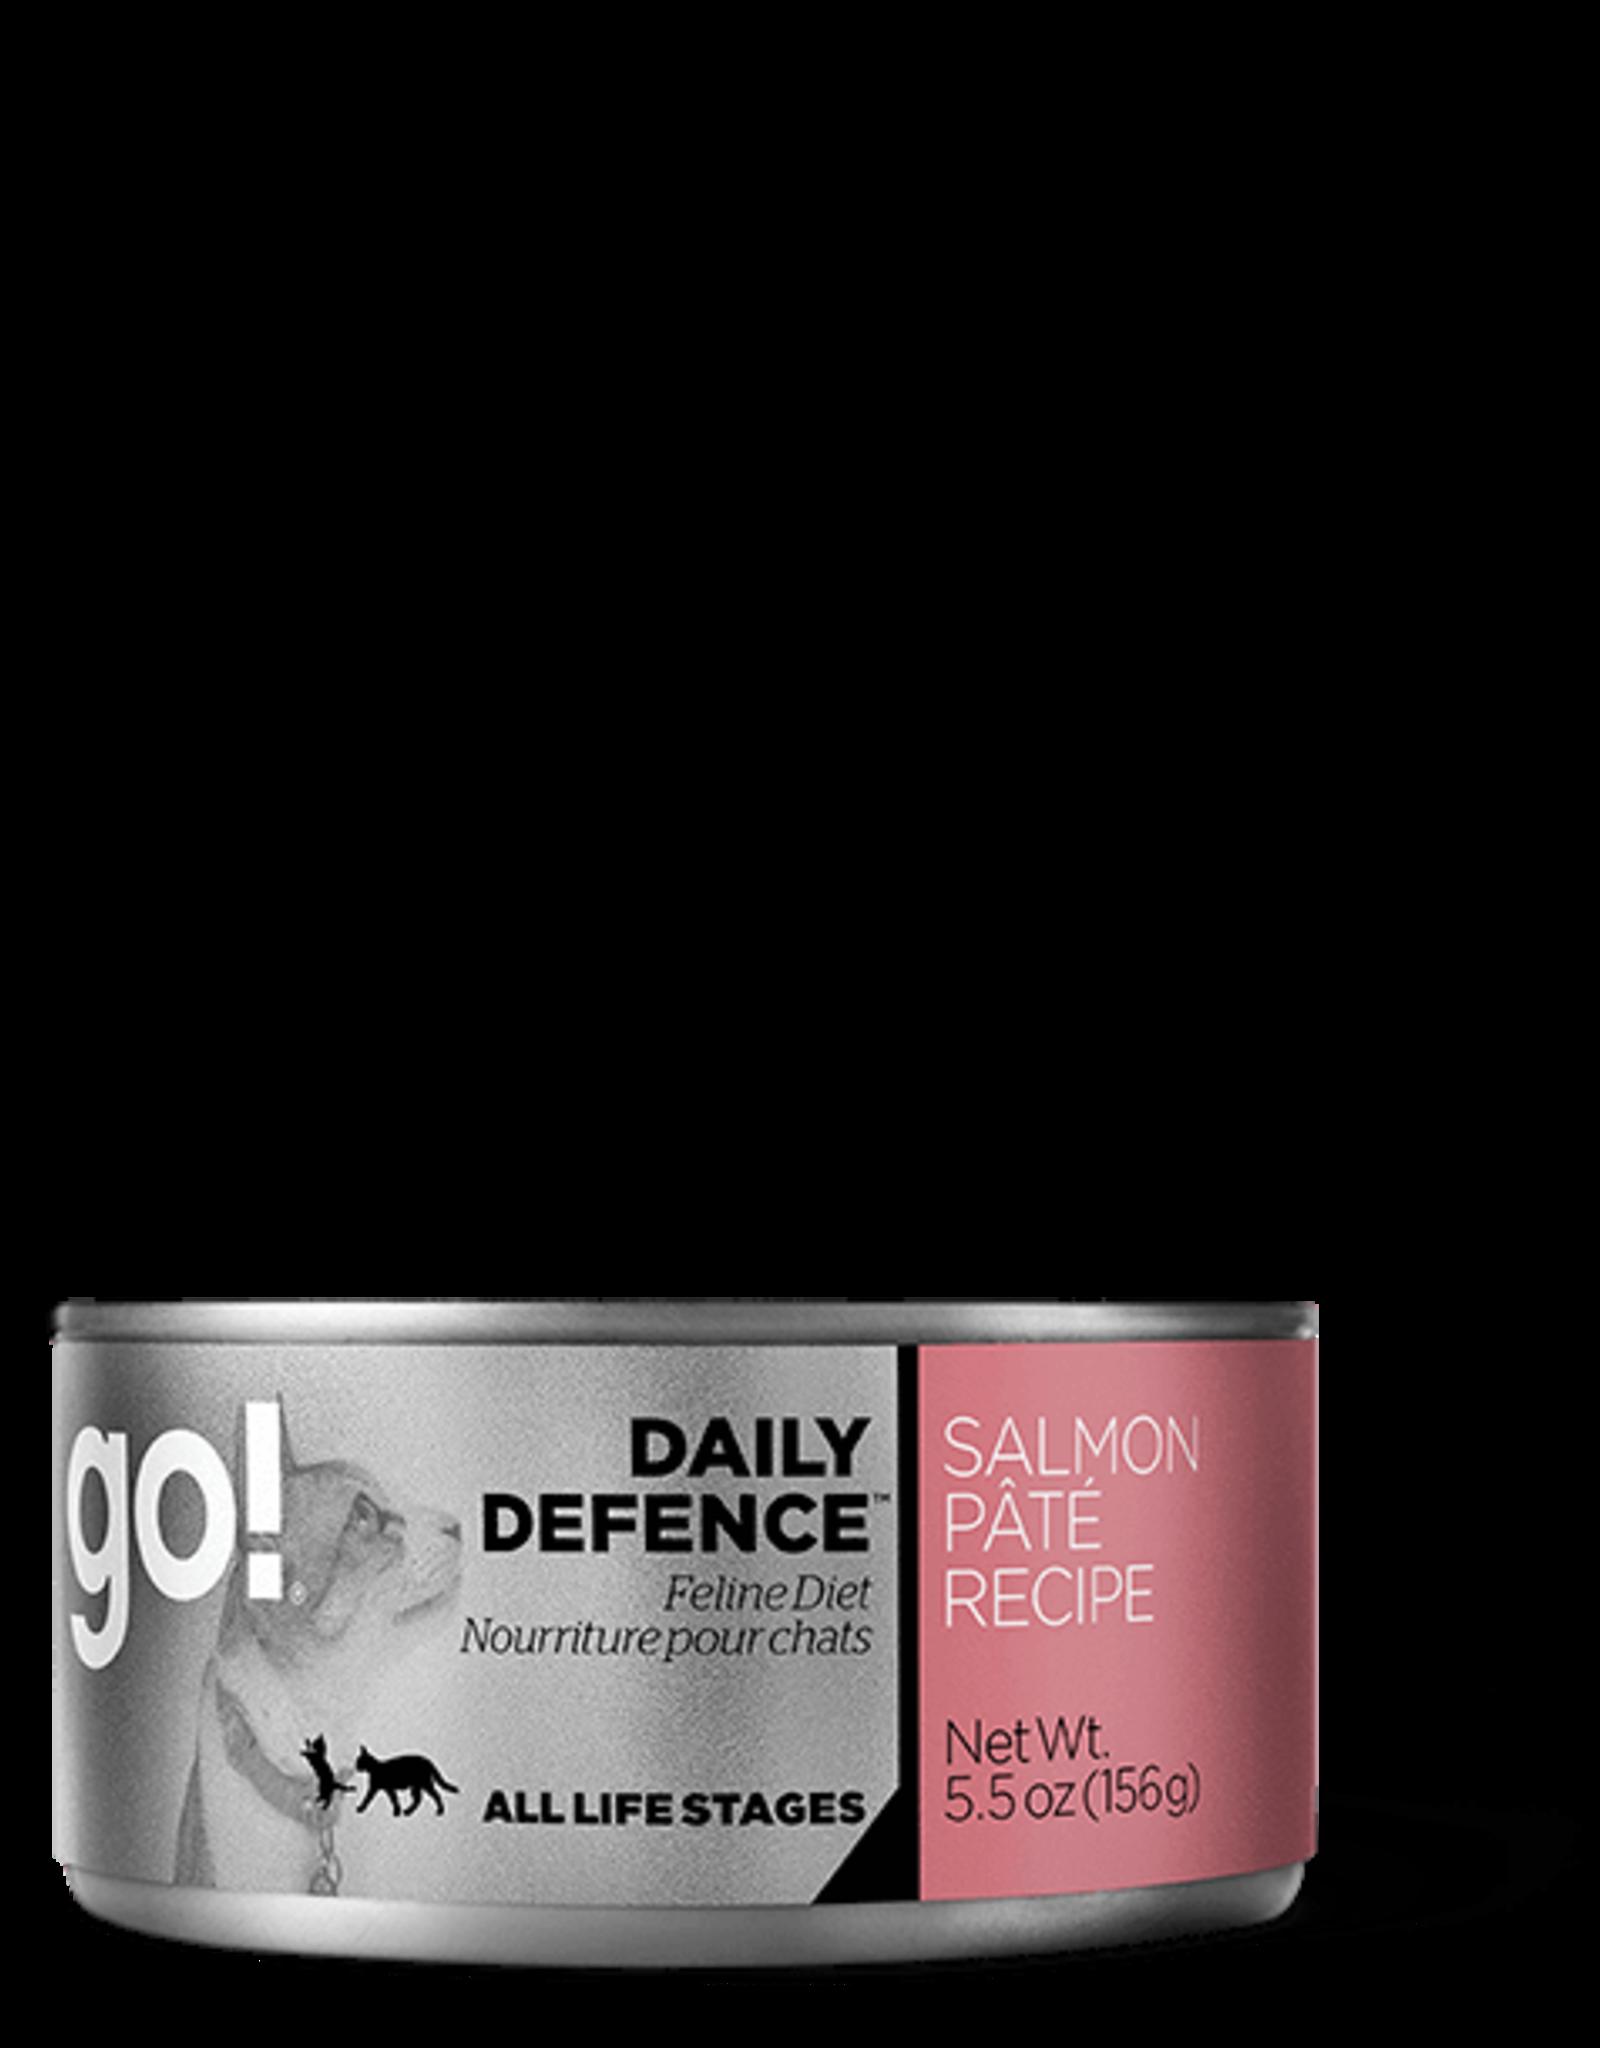 Go! Go! Cat Salmon Pate 5.5oz